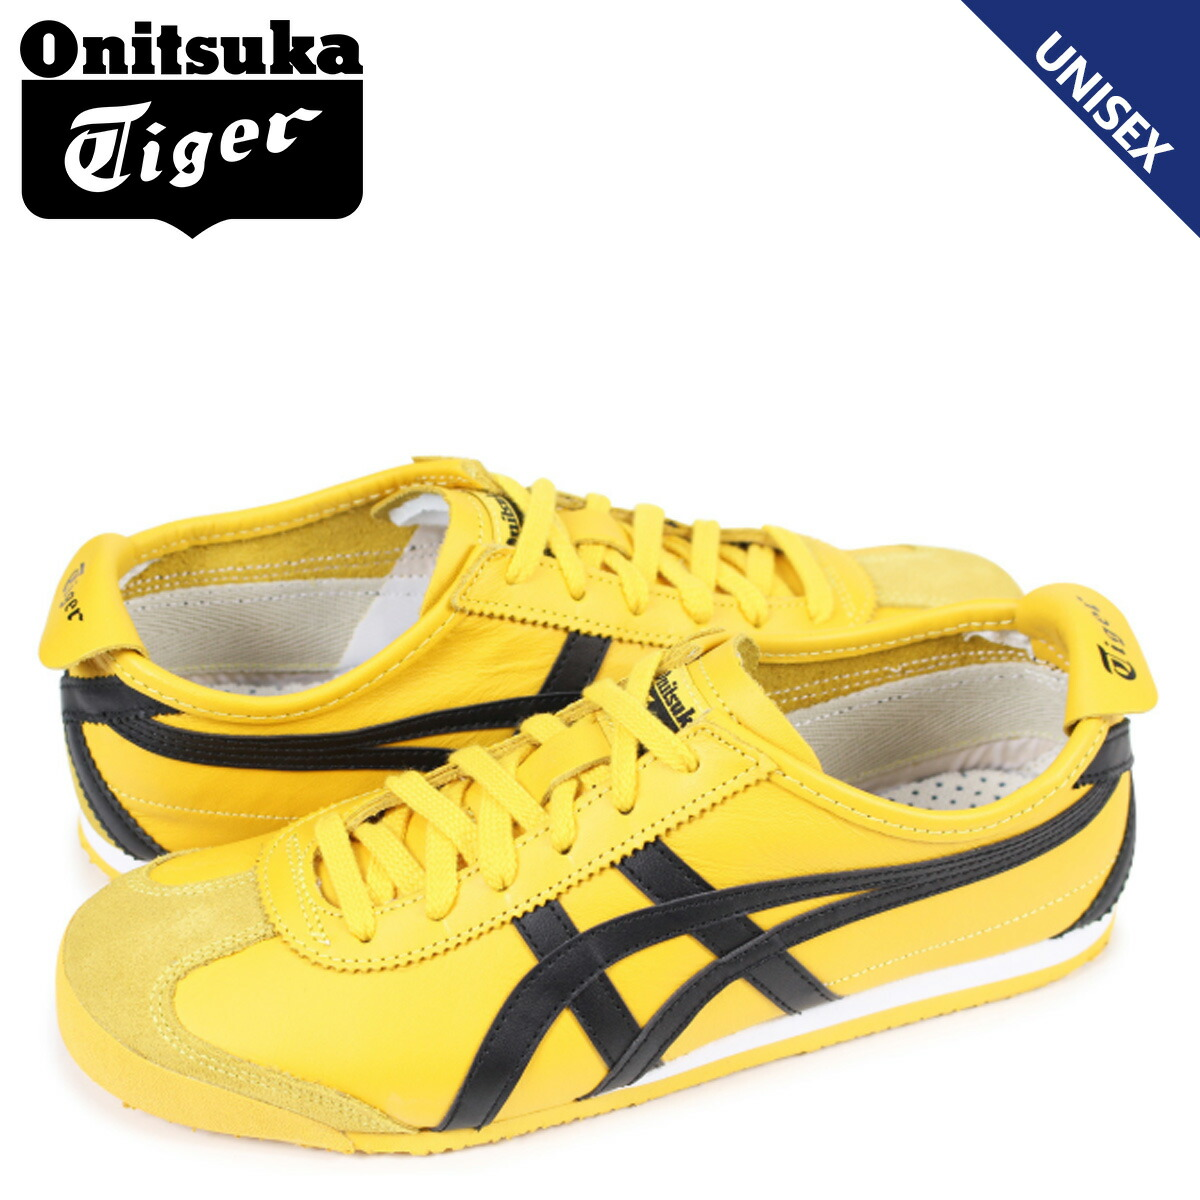 asics onitsuka tiger online shop